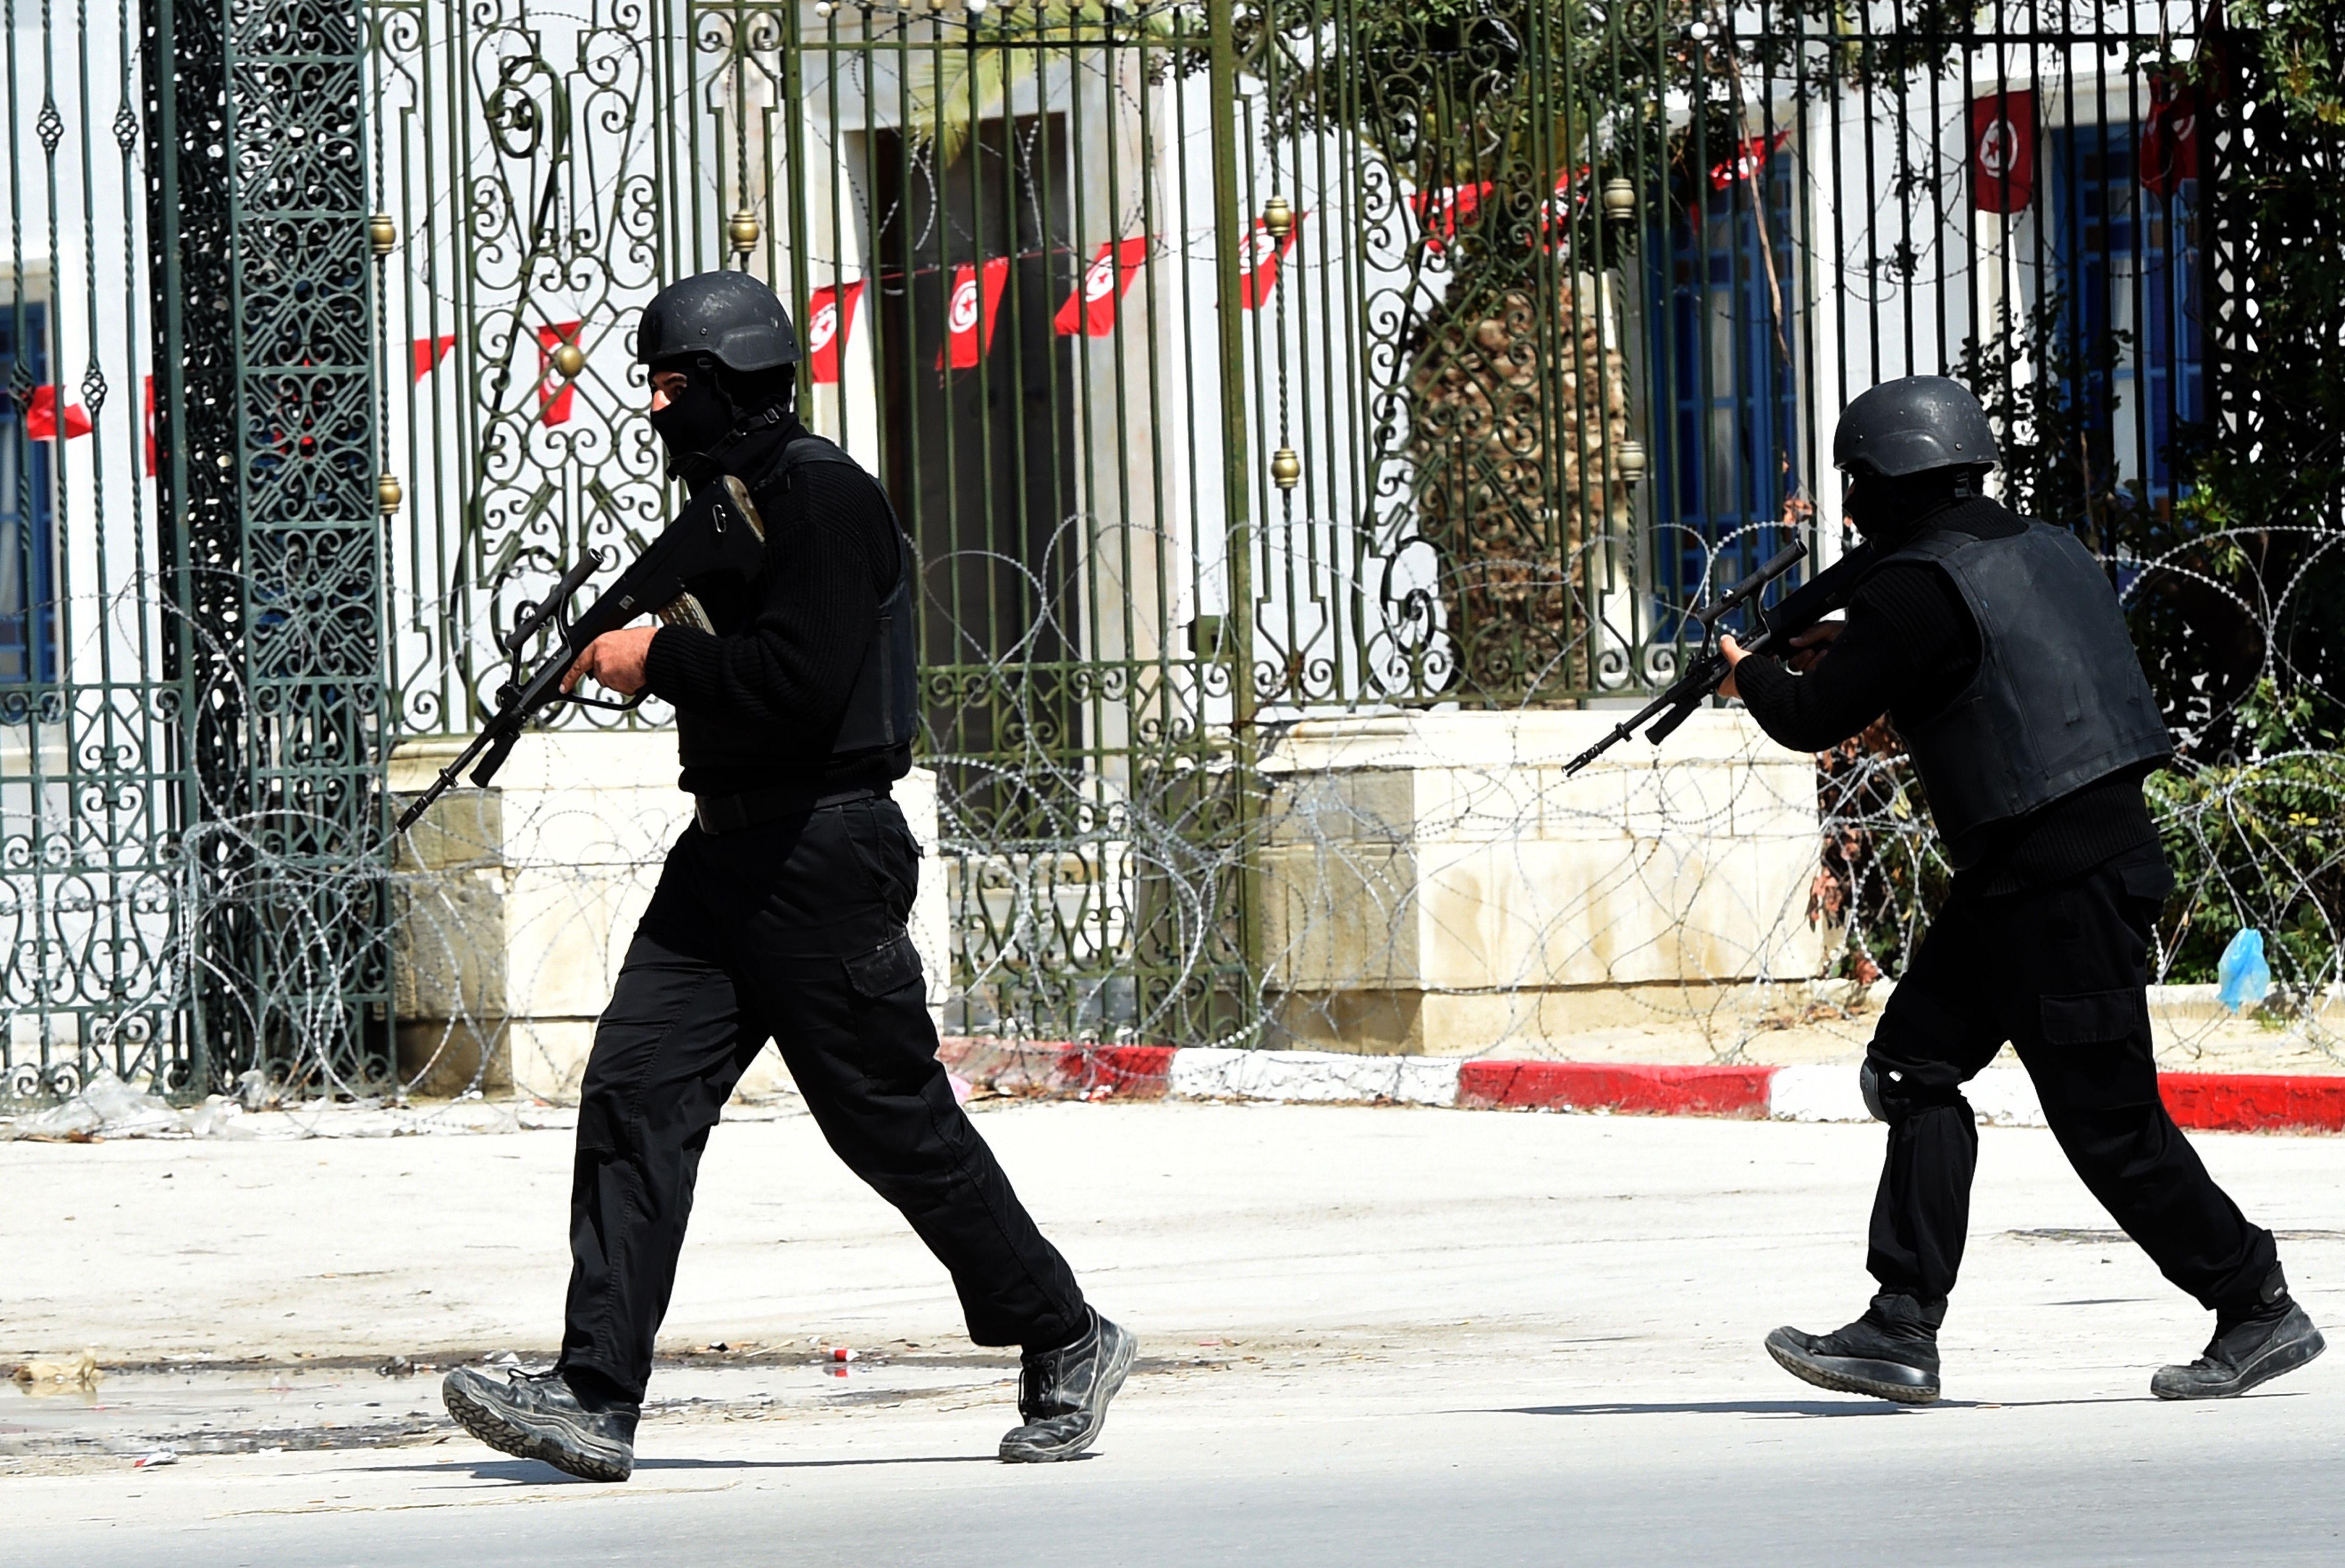 Equipes de segurança cercaram o local do ataque / Fethi Belaid/AFP